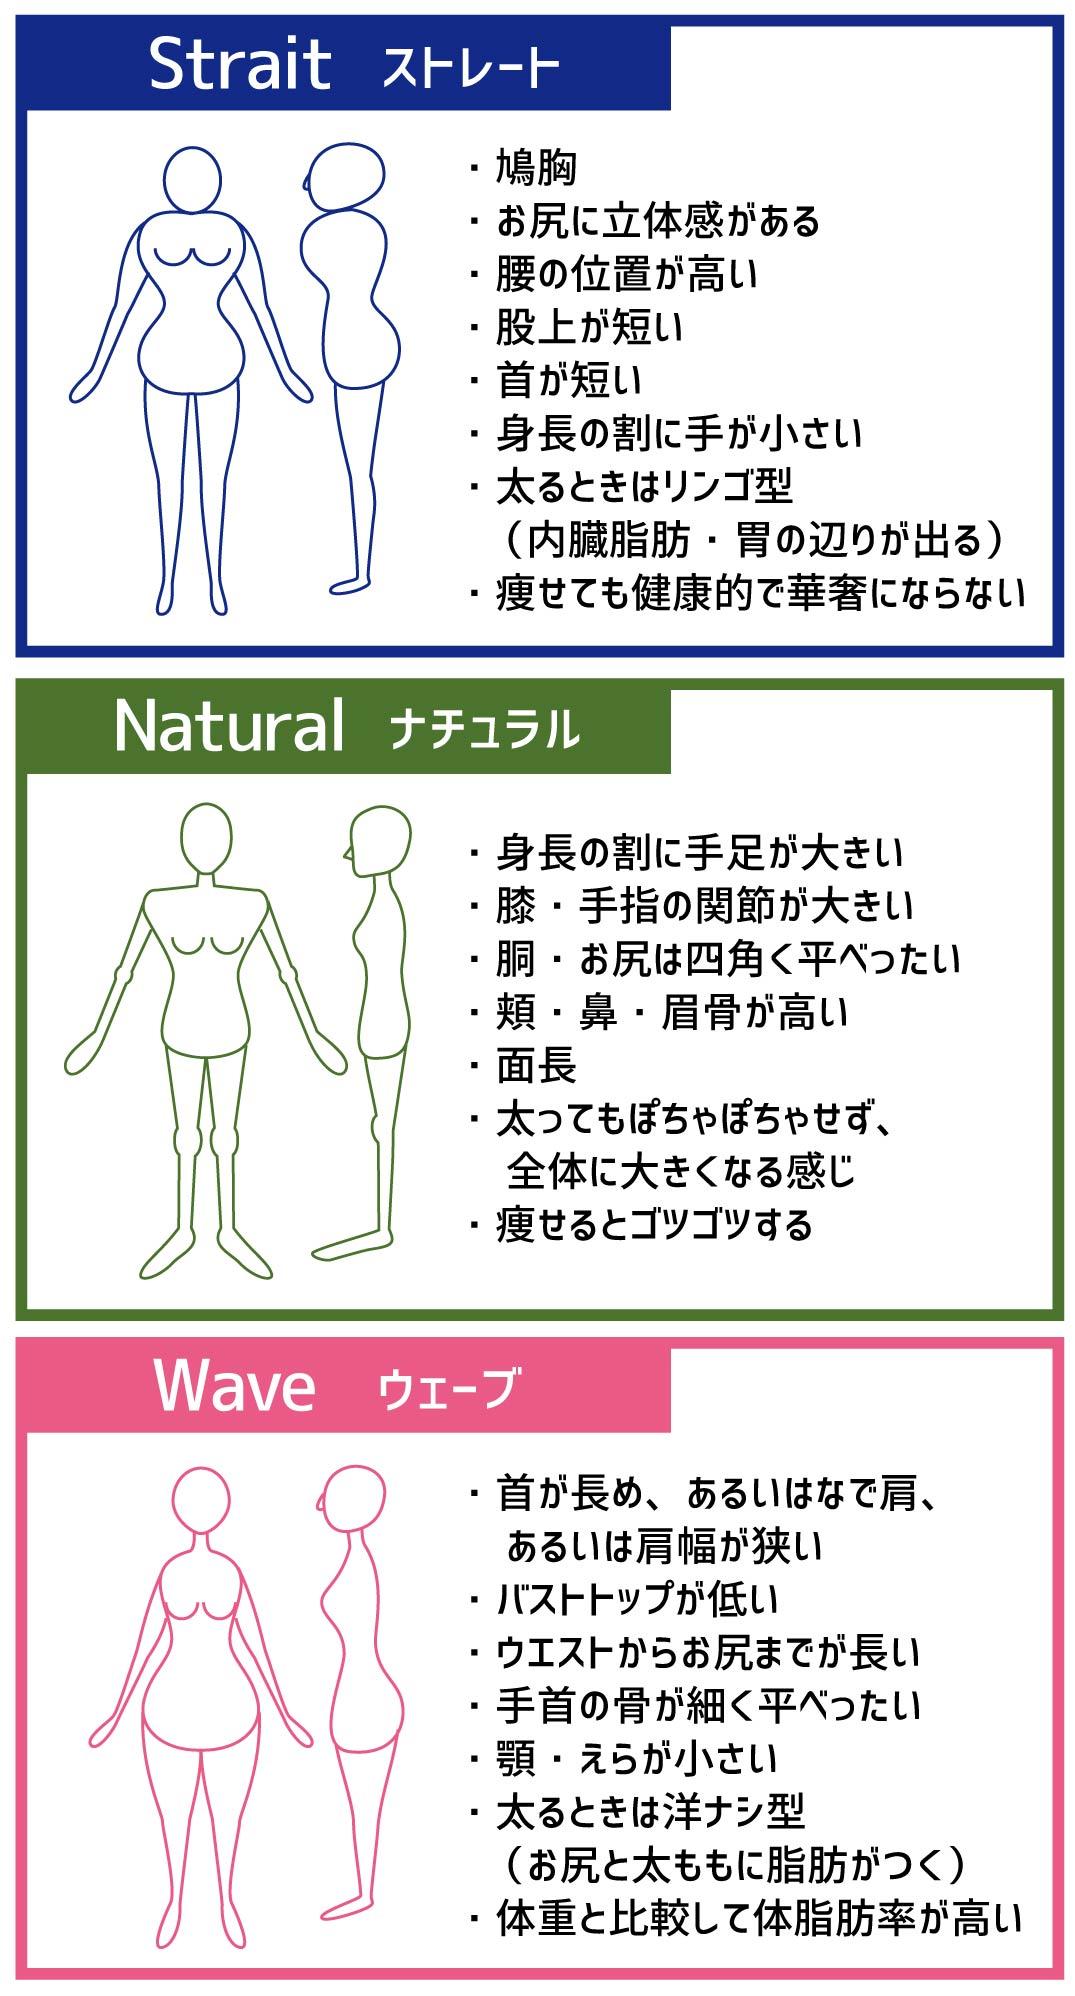 骨格タイプ解説Vol.1